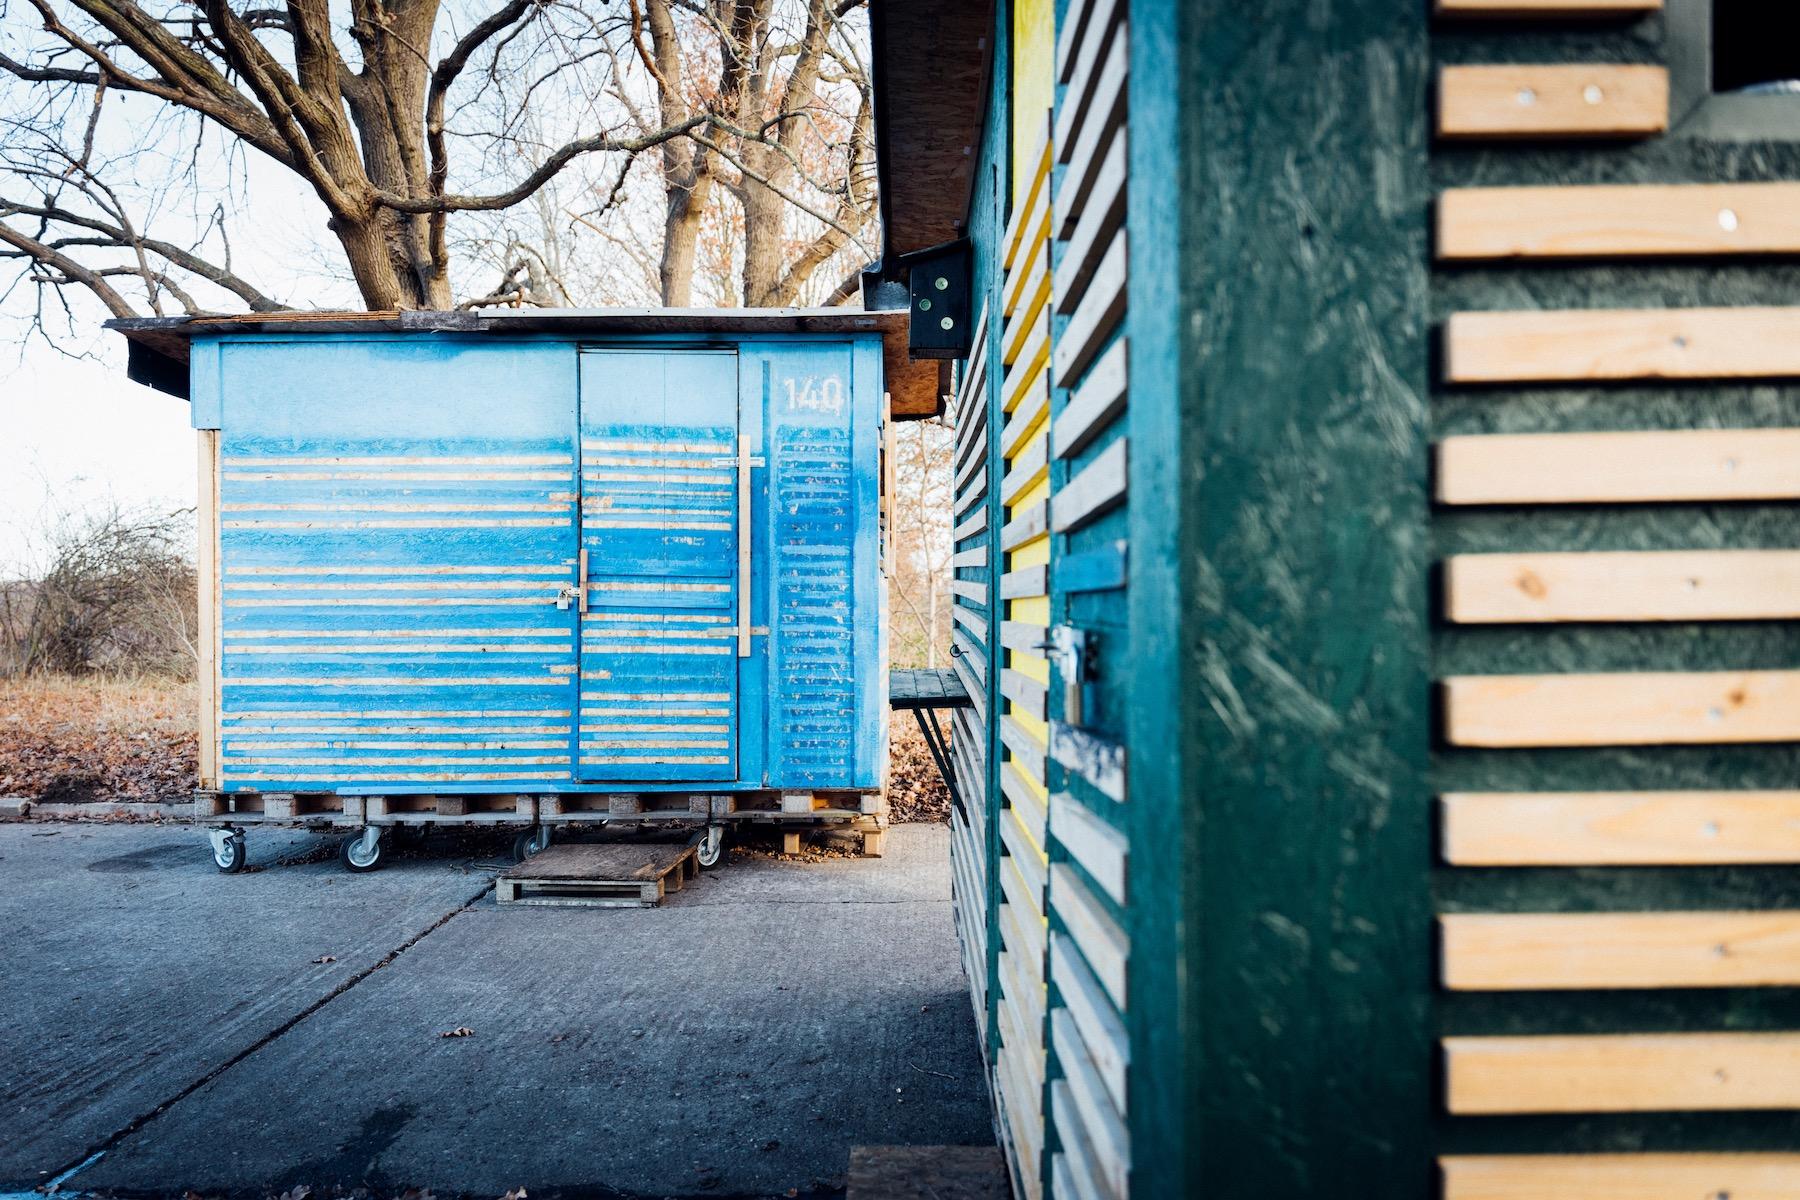 Die drei Quadratmeter großen Container bieten vor allem Schutz.